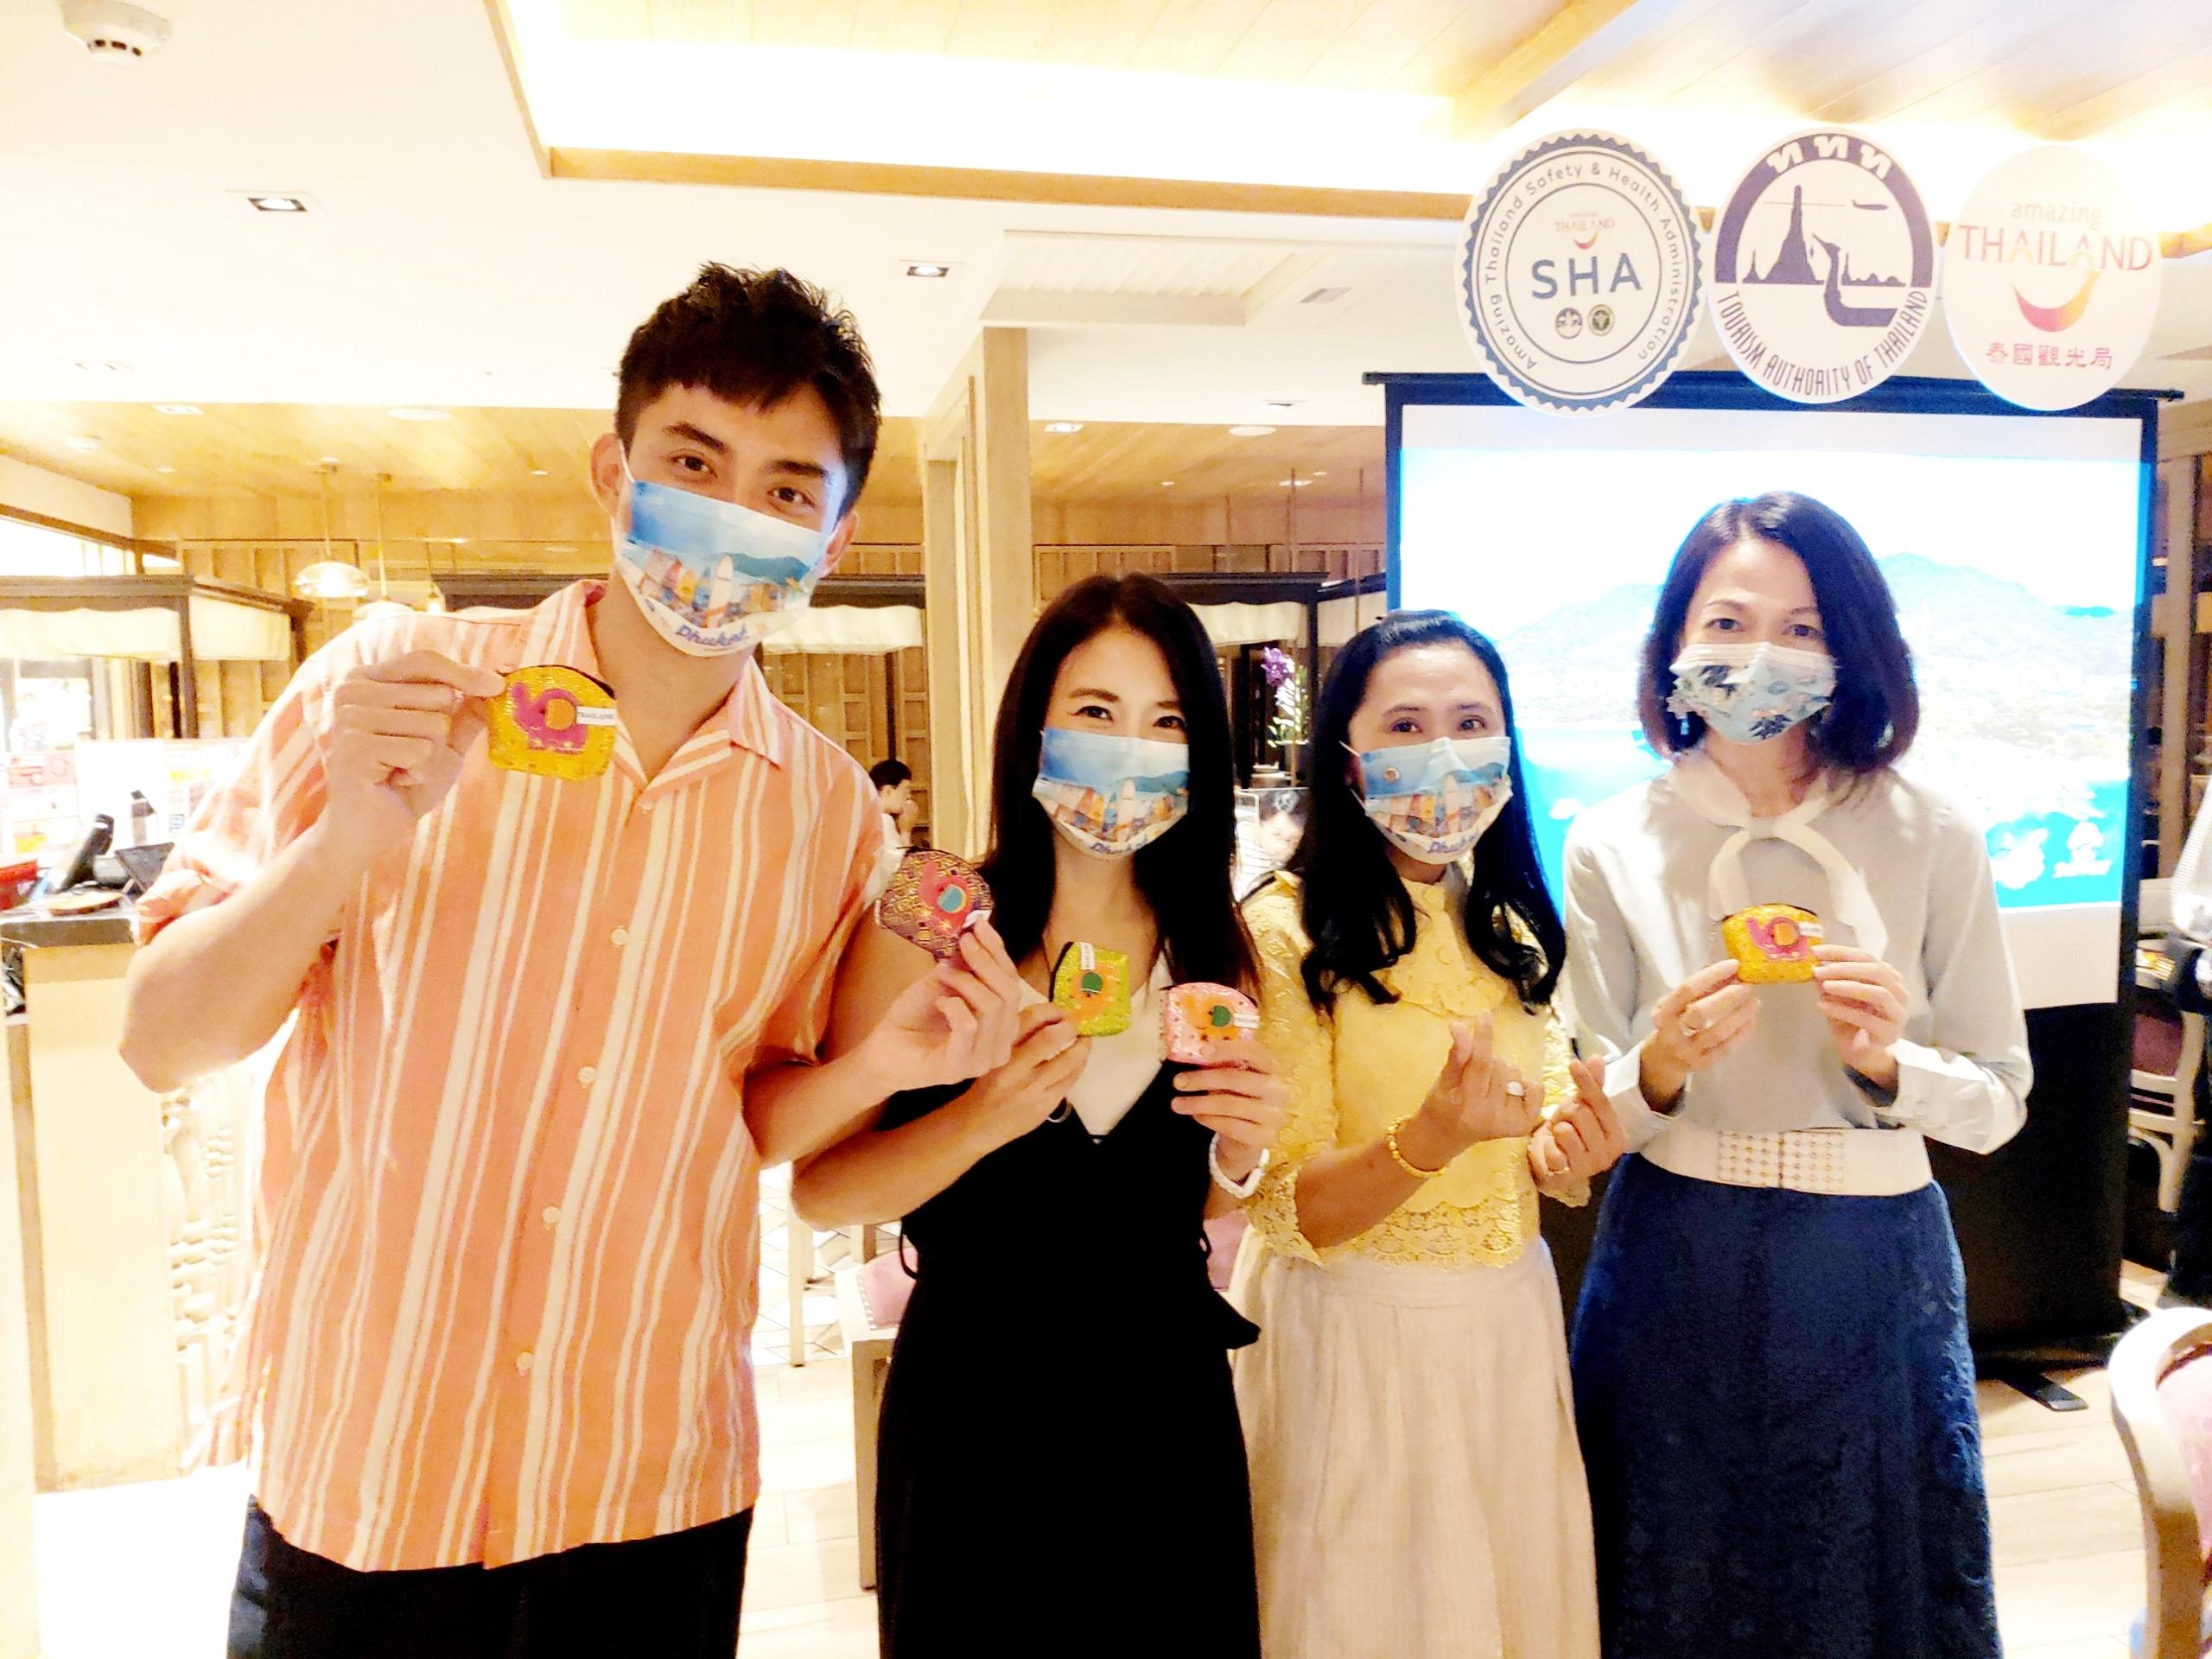 泰國2021年普吉7+7跳島雙城遊活動說明會,泰國2021年沙盒計畫,泰國旅遊,泰國疫苗護照旅遊 @傑菲亞娃JEFFIA FANG